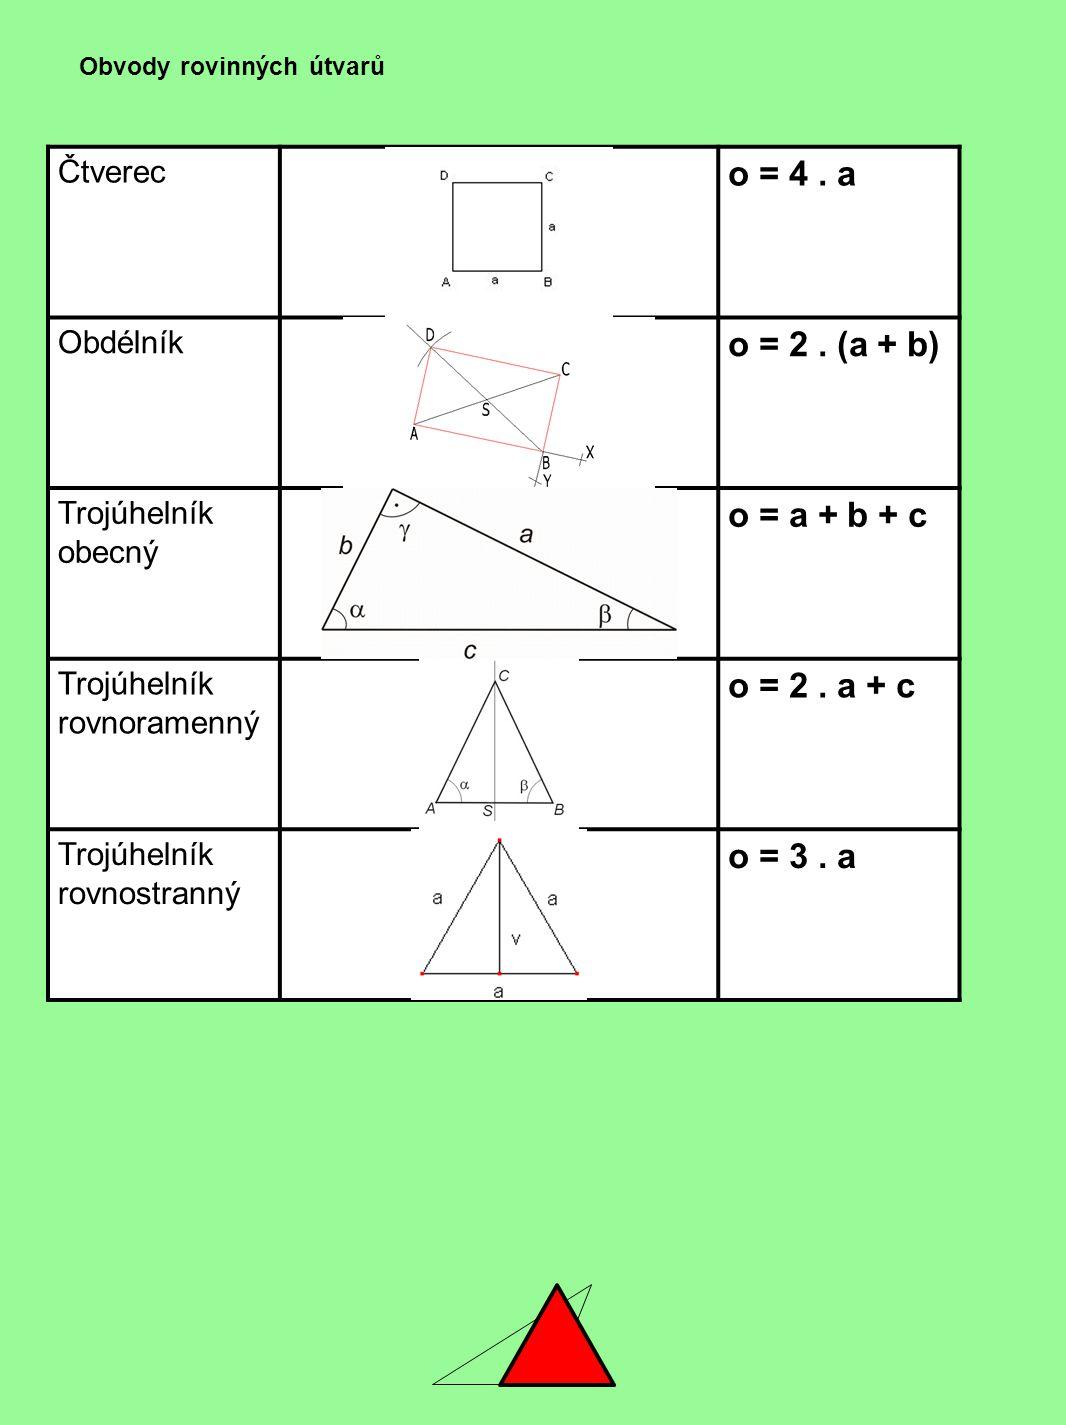 Obvody rovinných útvarů Čtverec o = 4.a Obdélník o = 2.